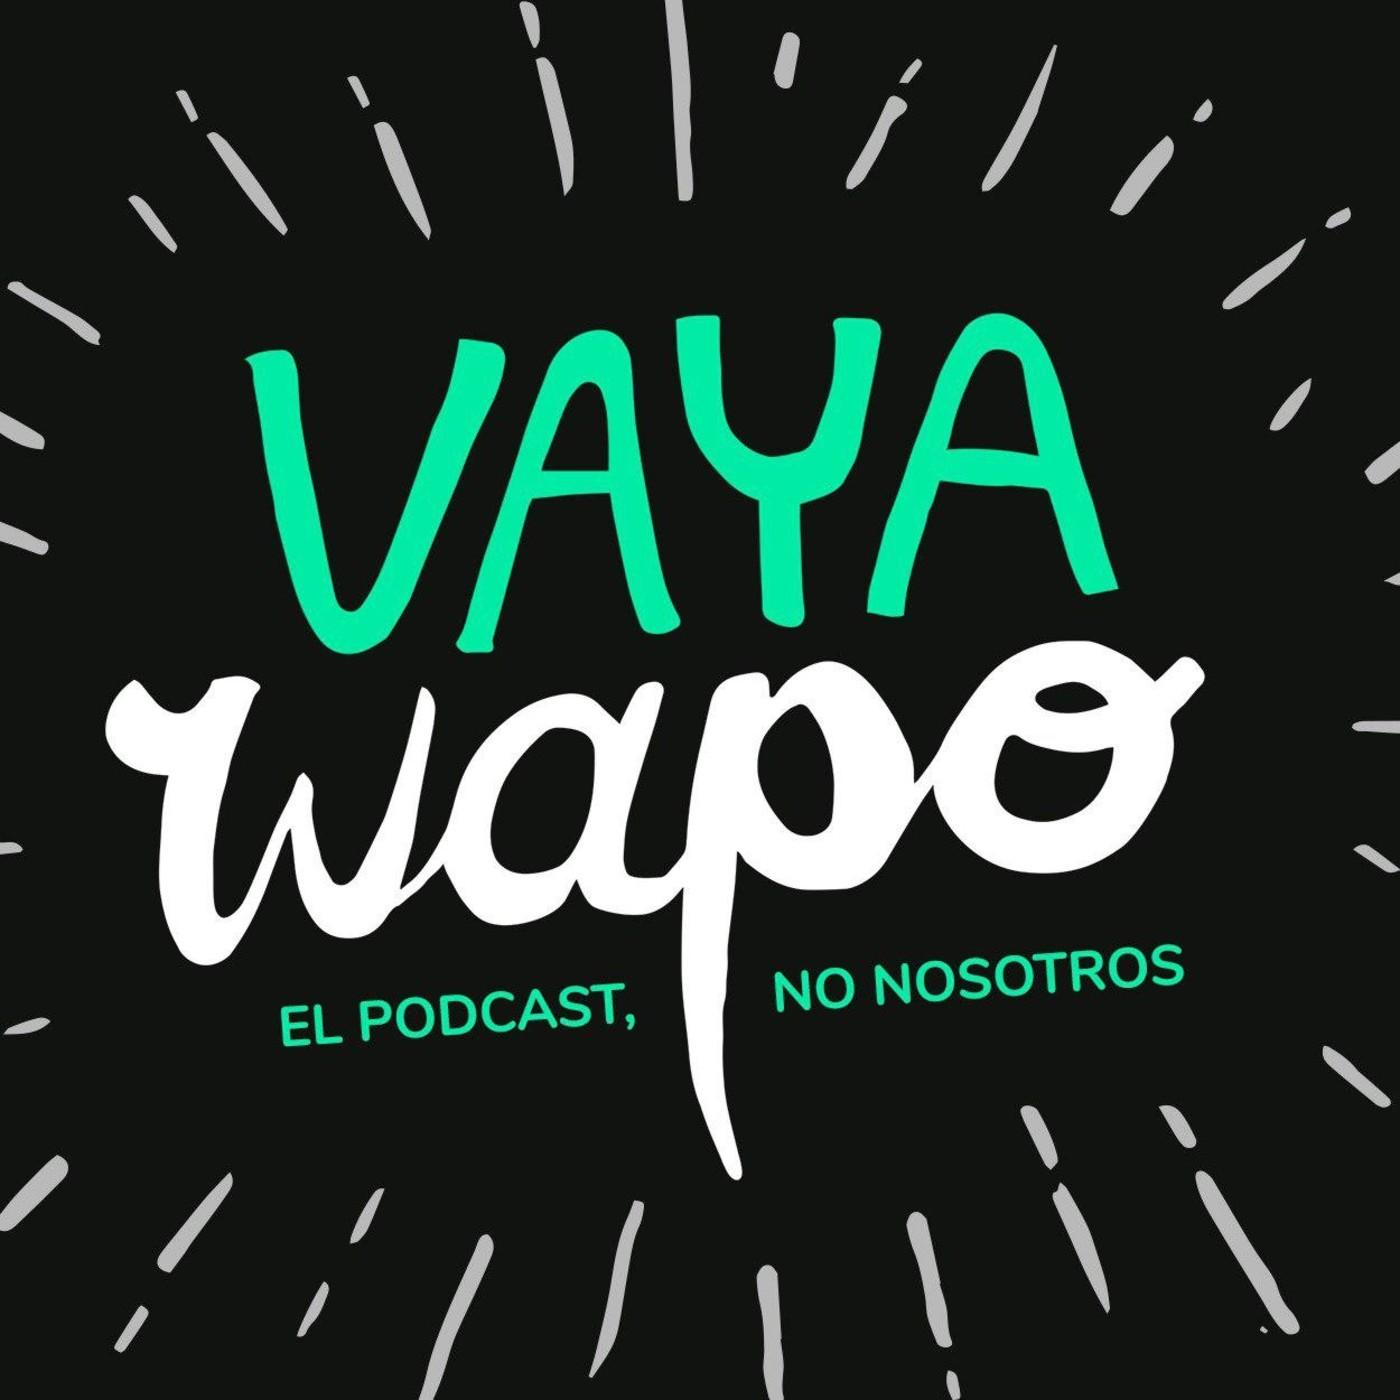 Vaya Wapo 08